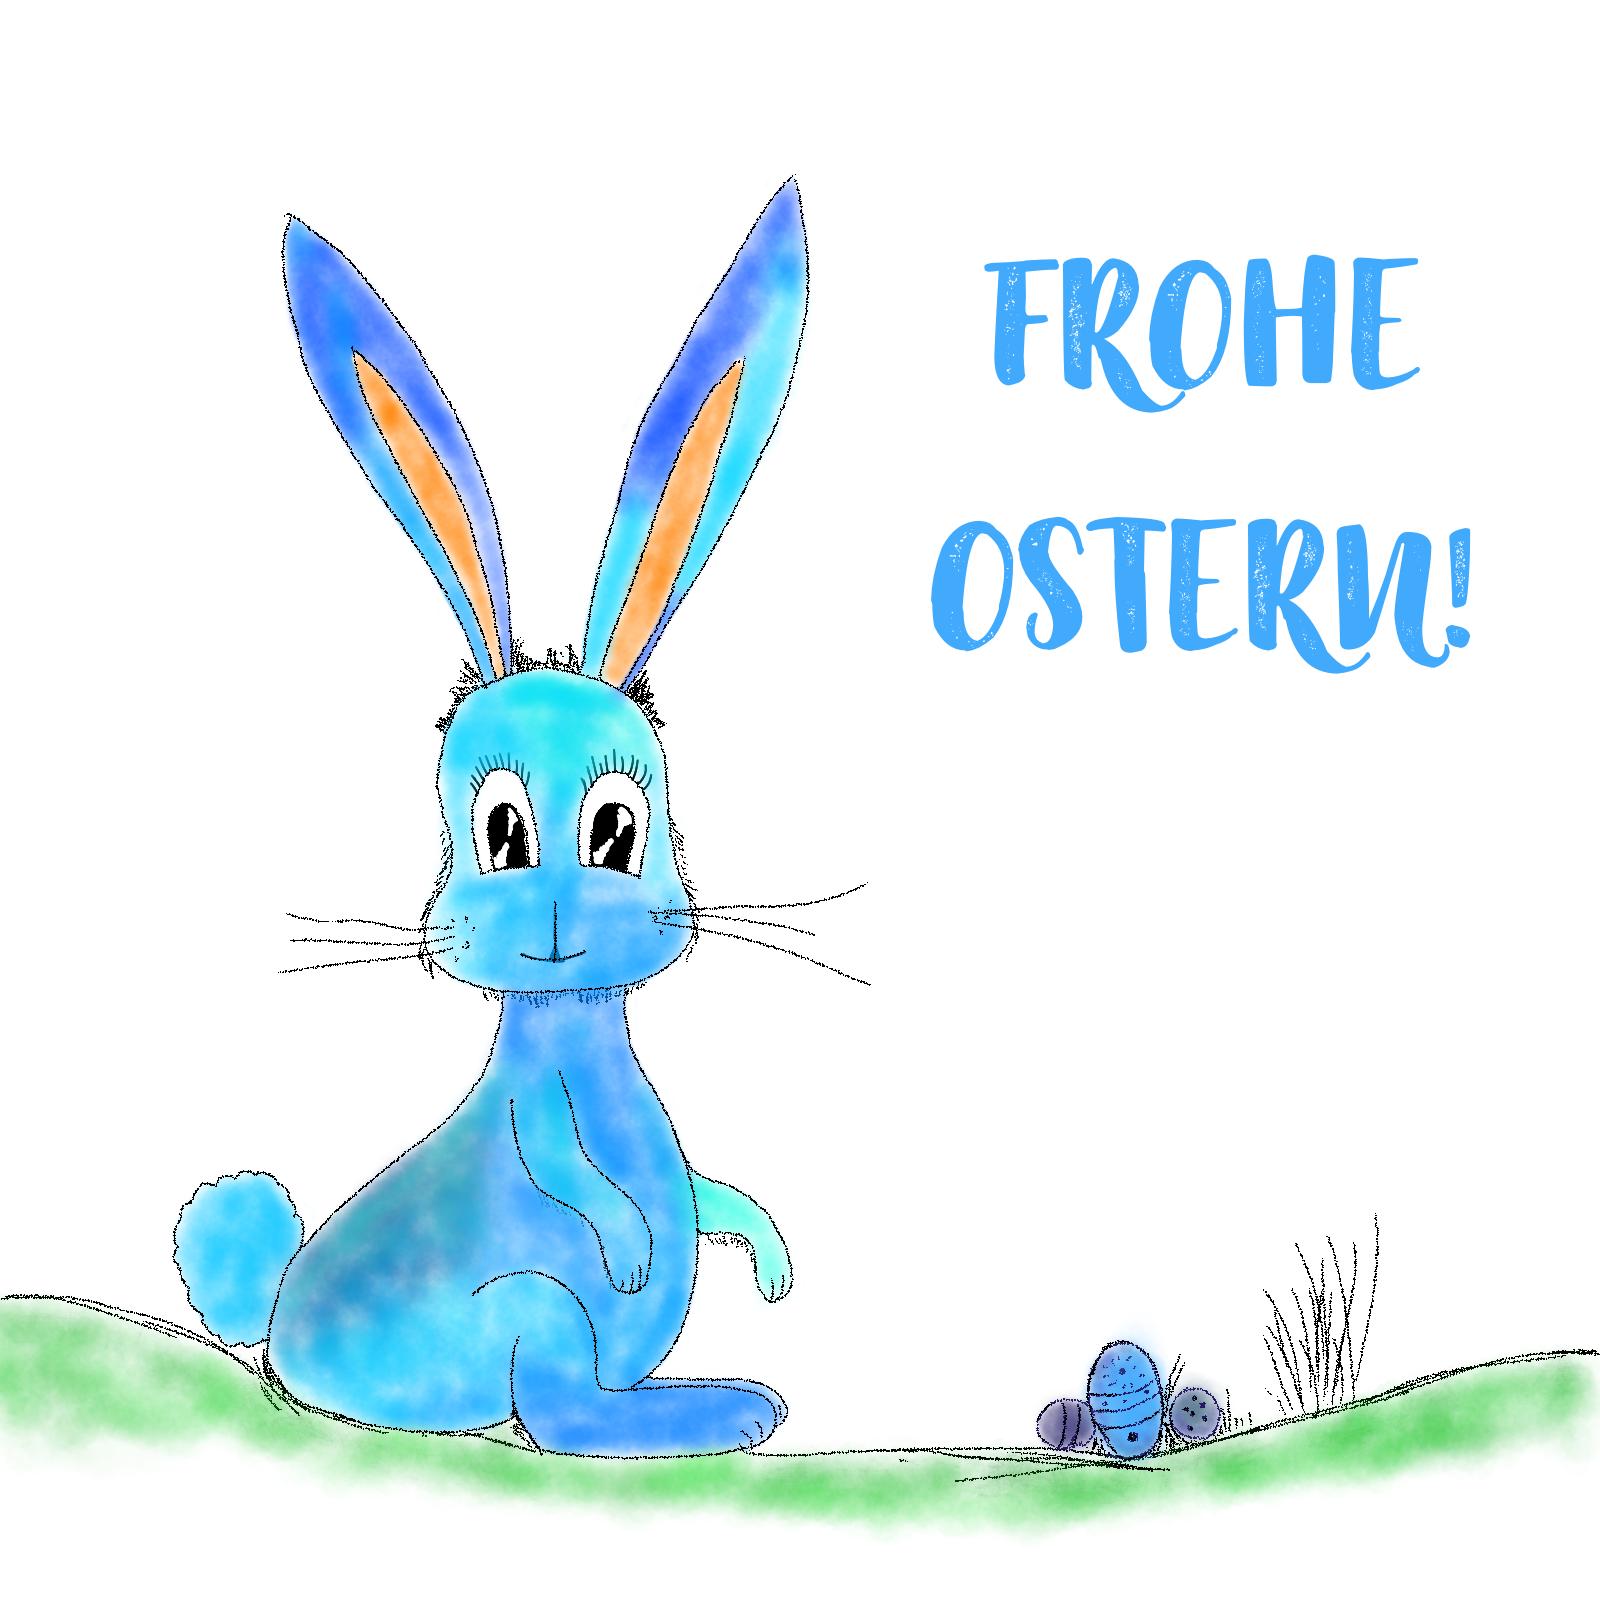 Osterhase auf Wiese mit Eiern - Frohe Ostern!